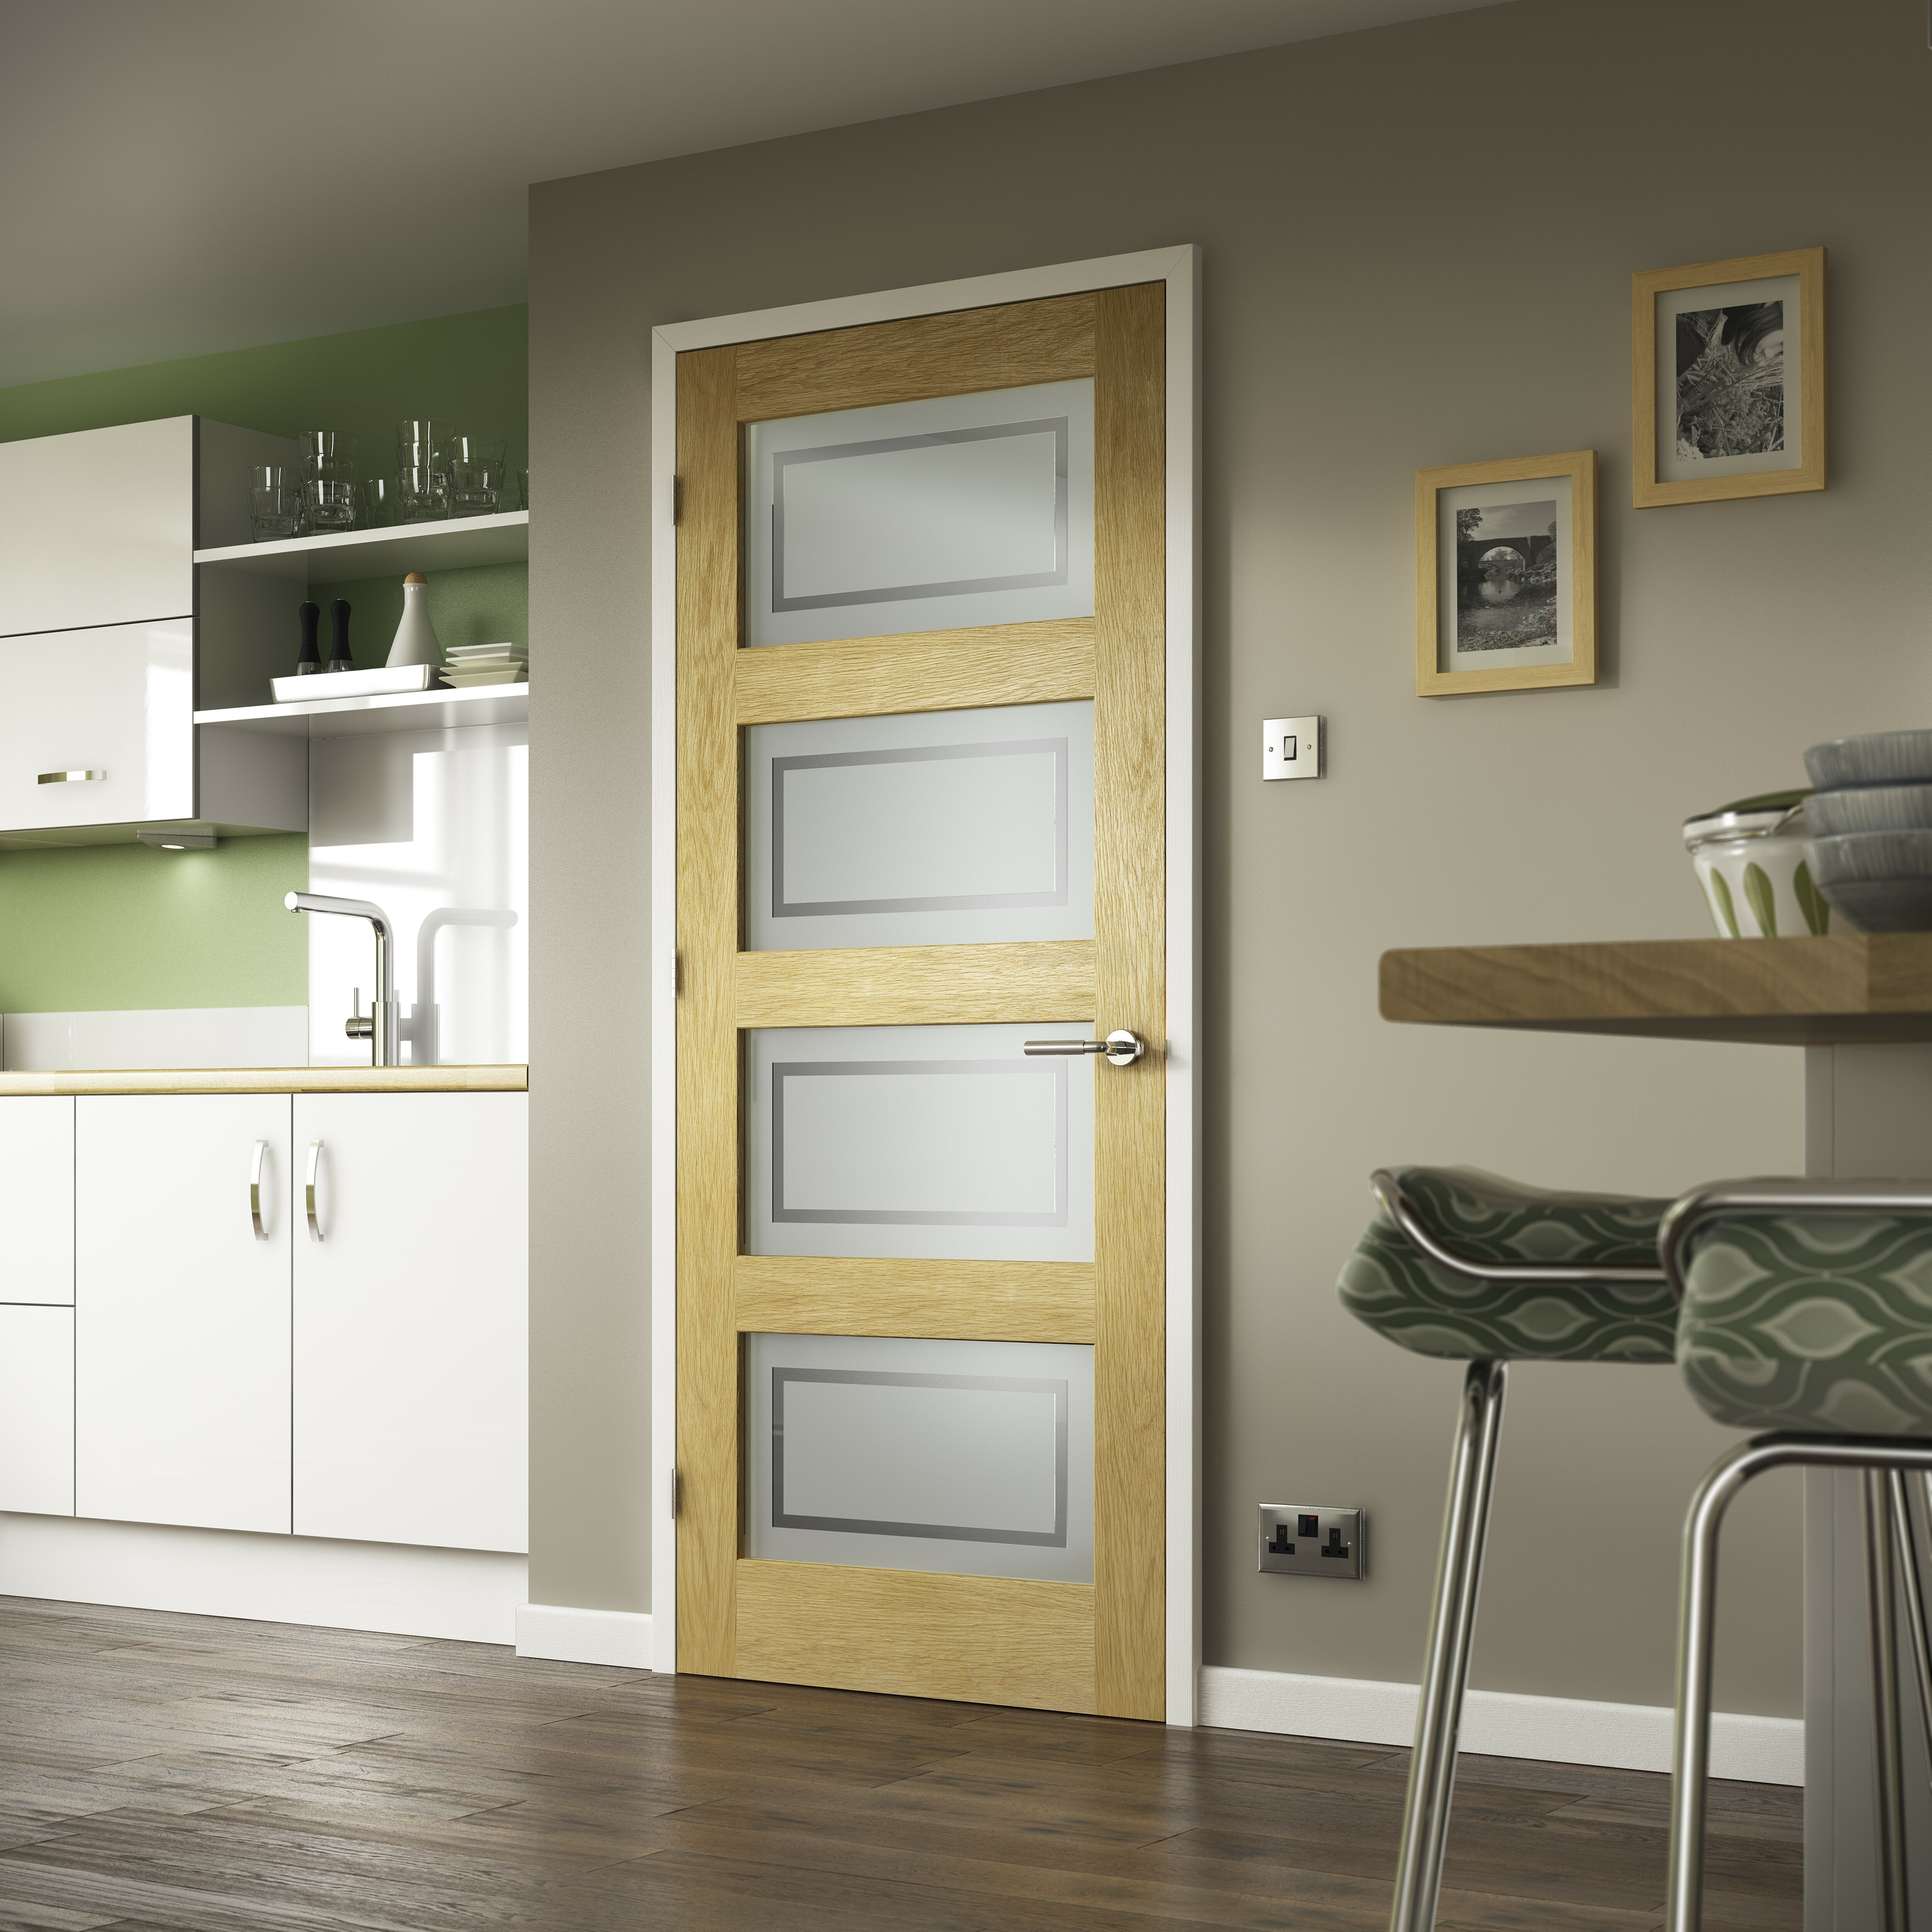 premdor shaker style oak glazed internal door reviews. Black Bedroom Furniture Sets. Home Design Ideas